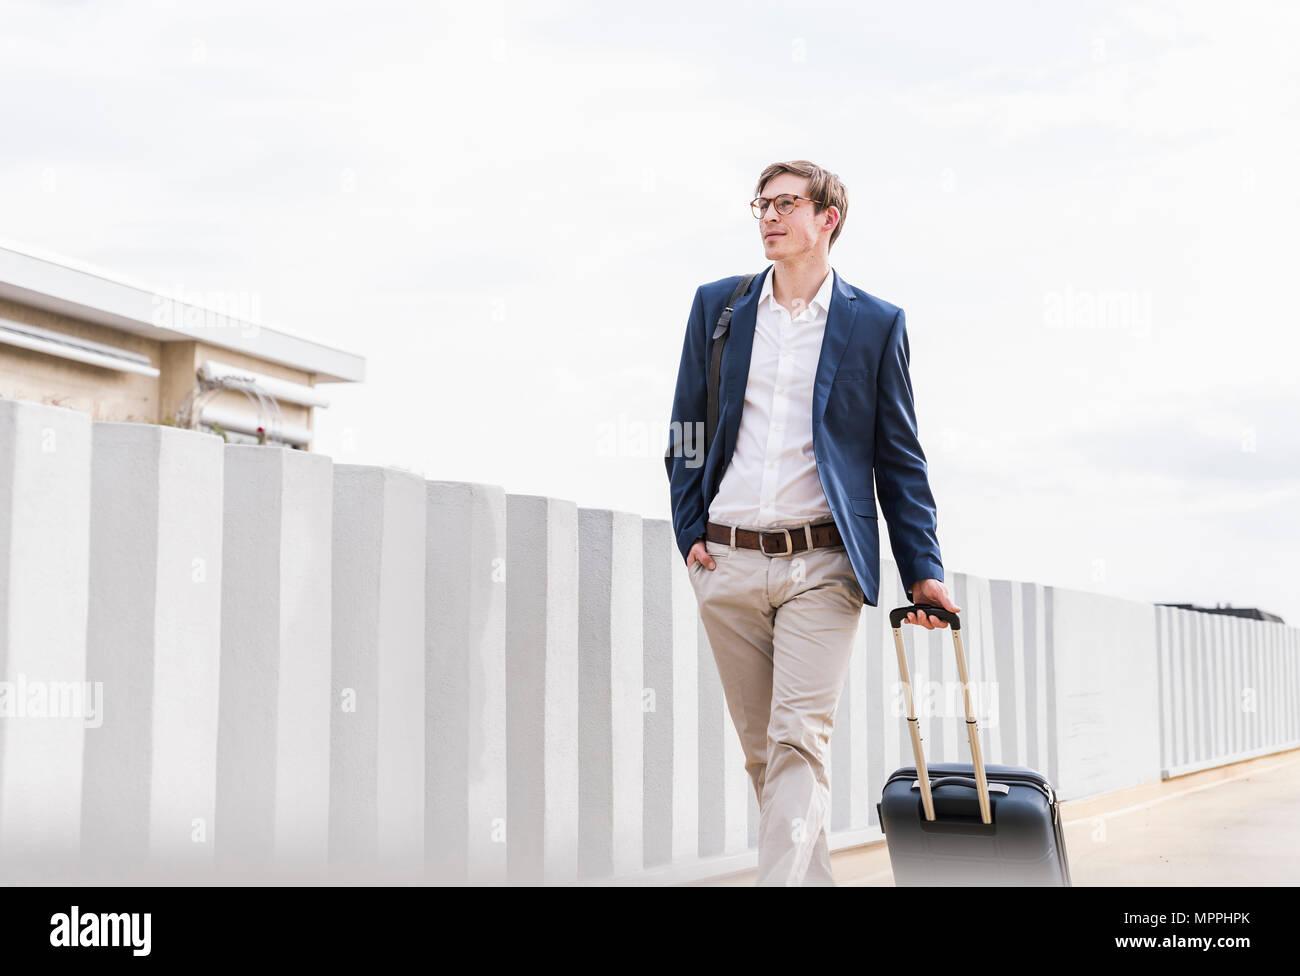 Confident businessman avec rolling suitcase marche à un garage de stationnement Photo Stock